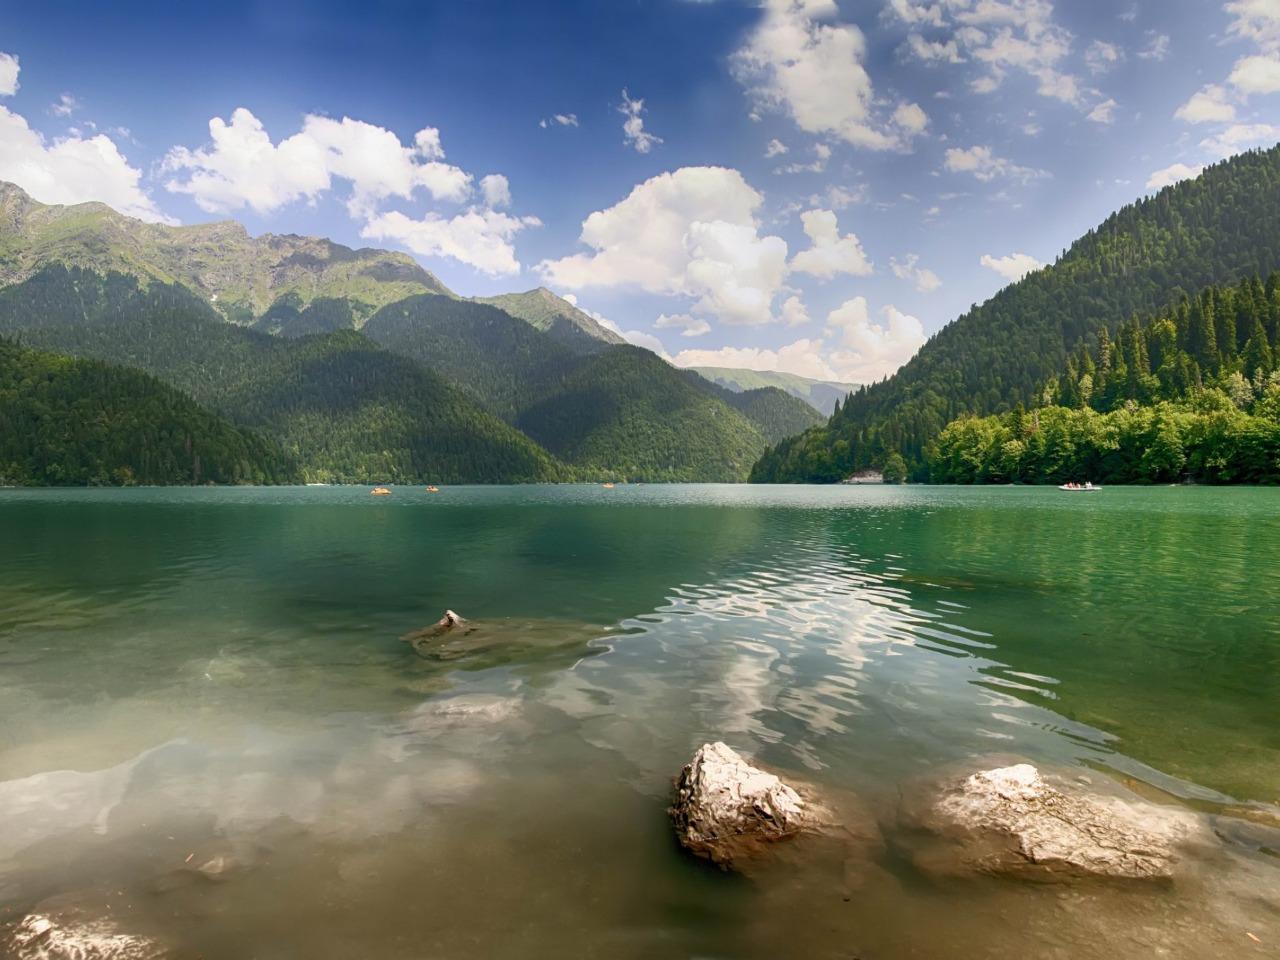 Из Сочи в Абхазию - индивидуальная экскурсия в Сочи от опытного гида